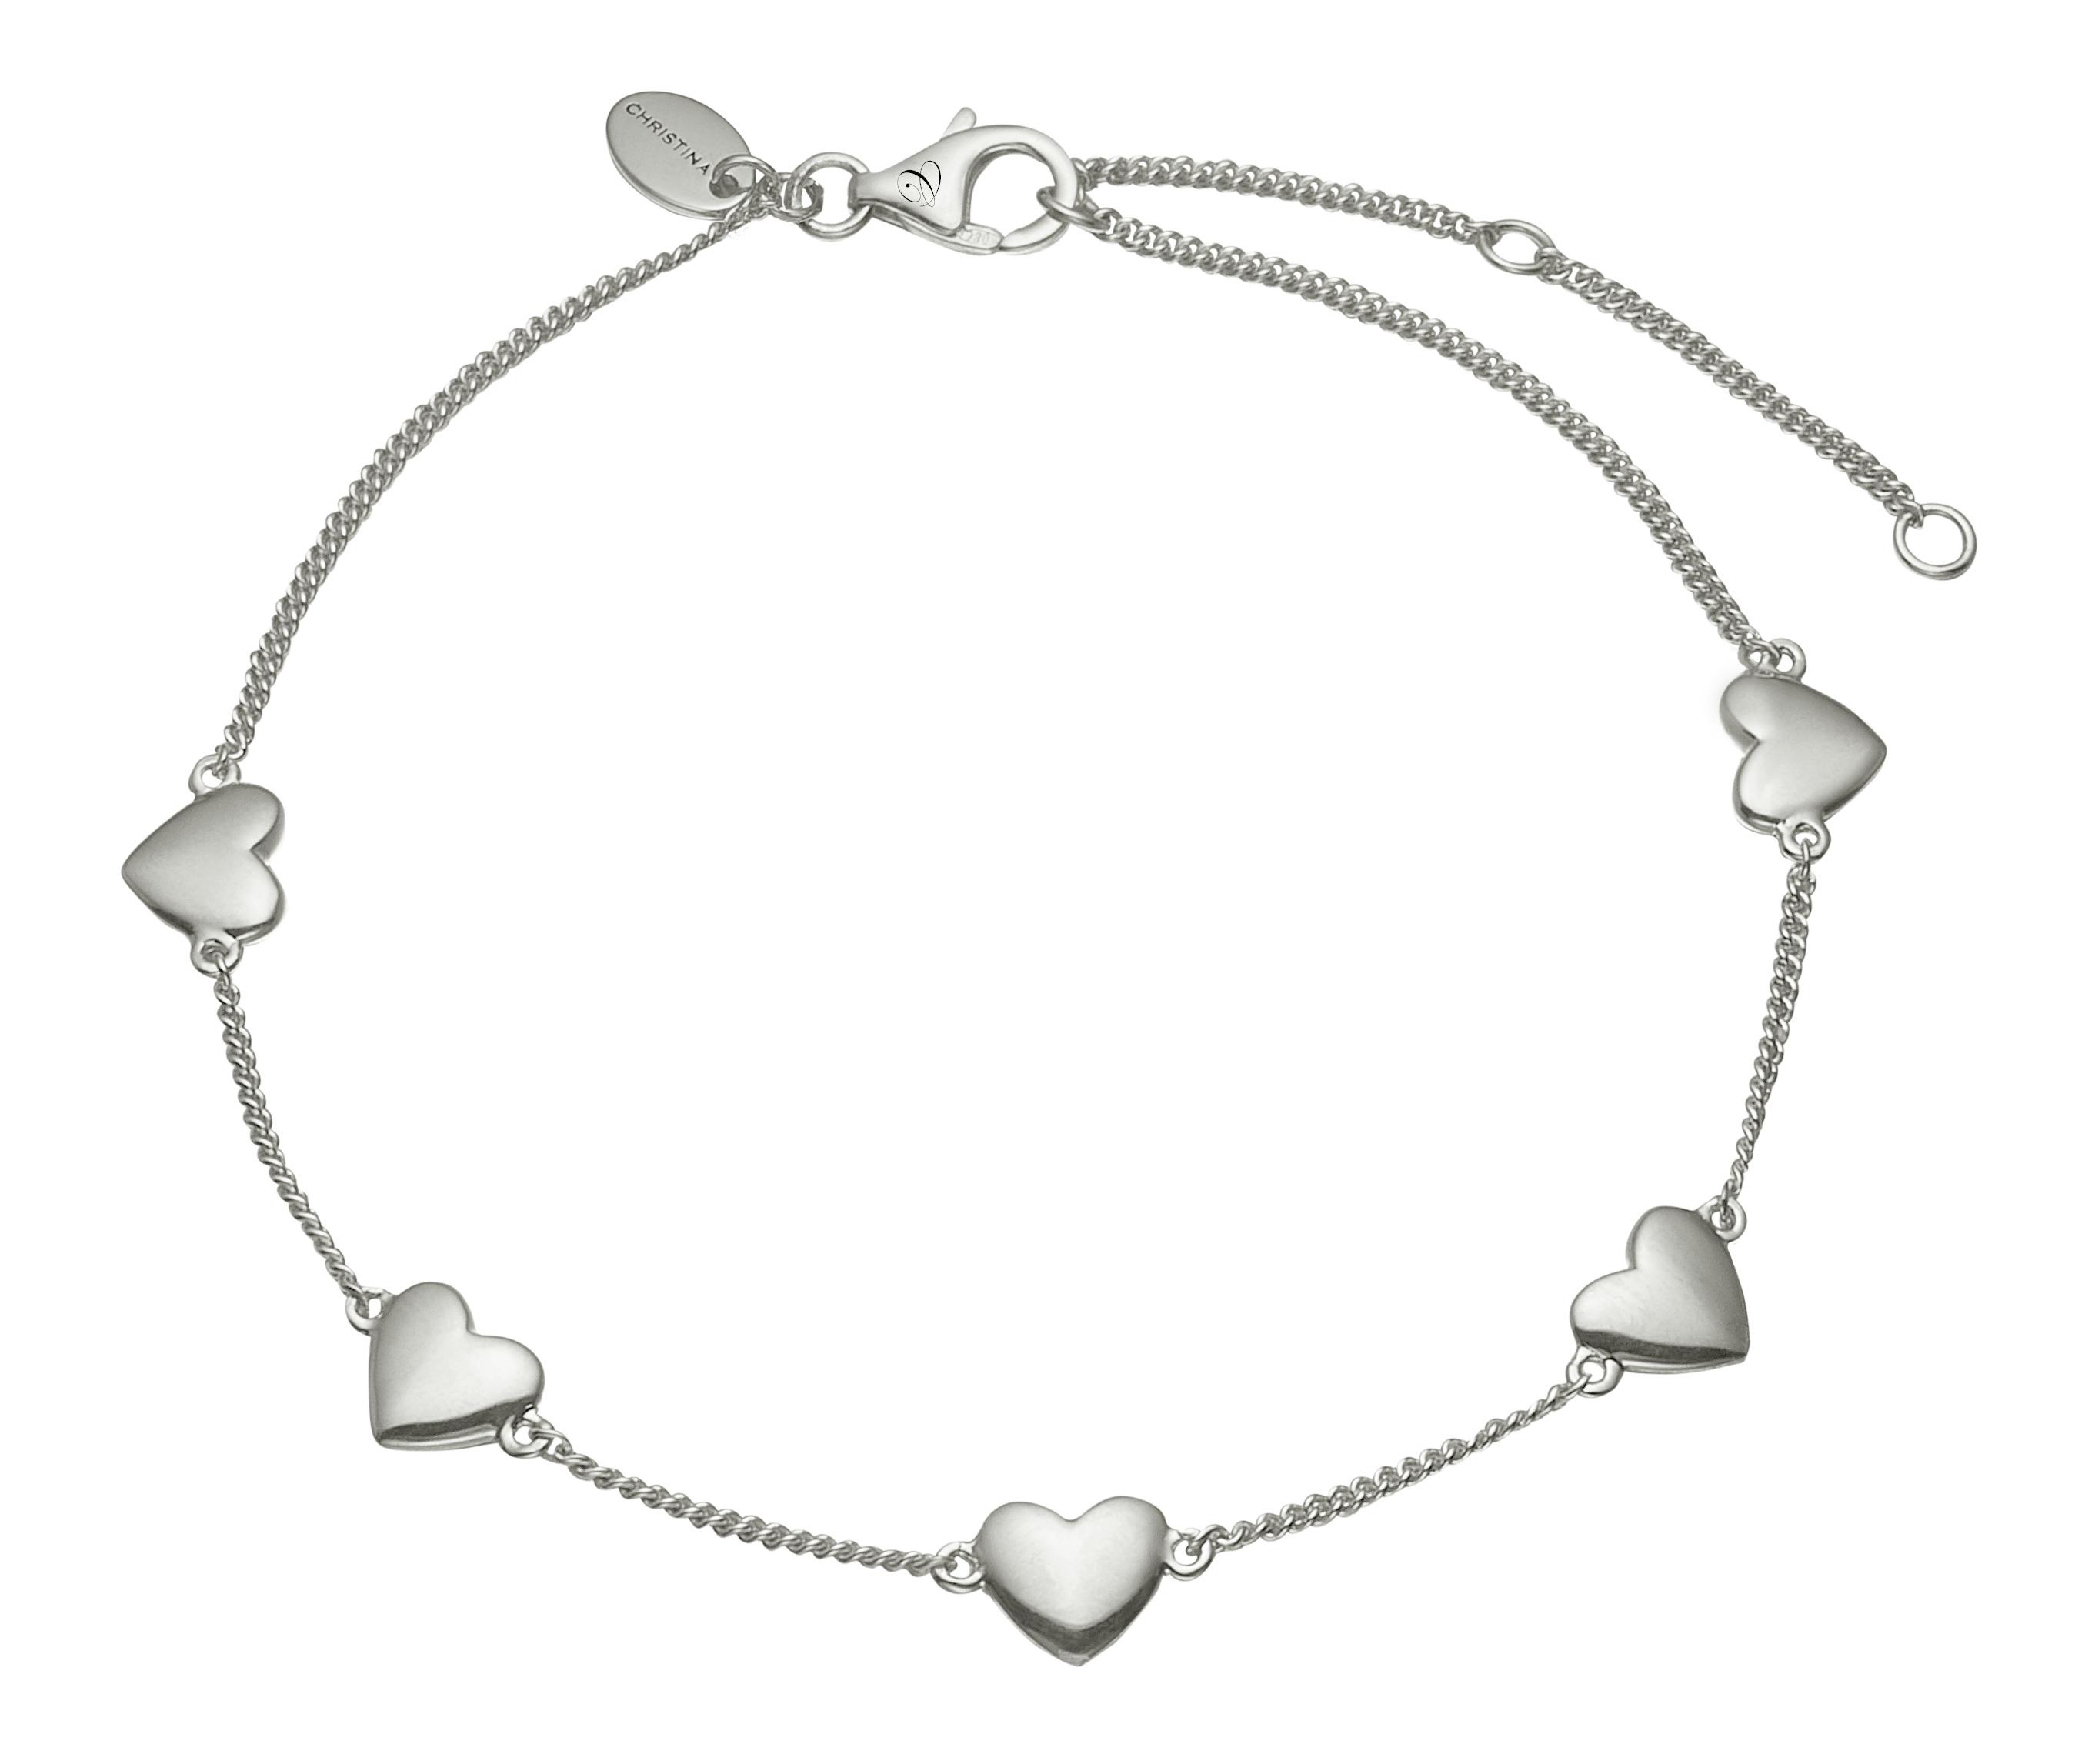 Christina sølv armlænke forever love - 601-s14 fra christina watches fra brodersen + kobborg